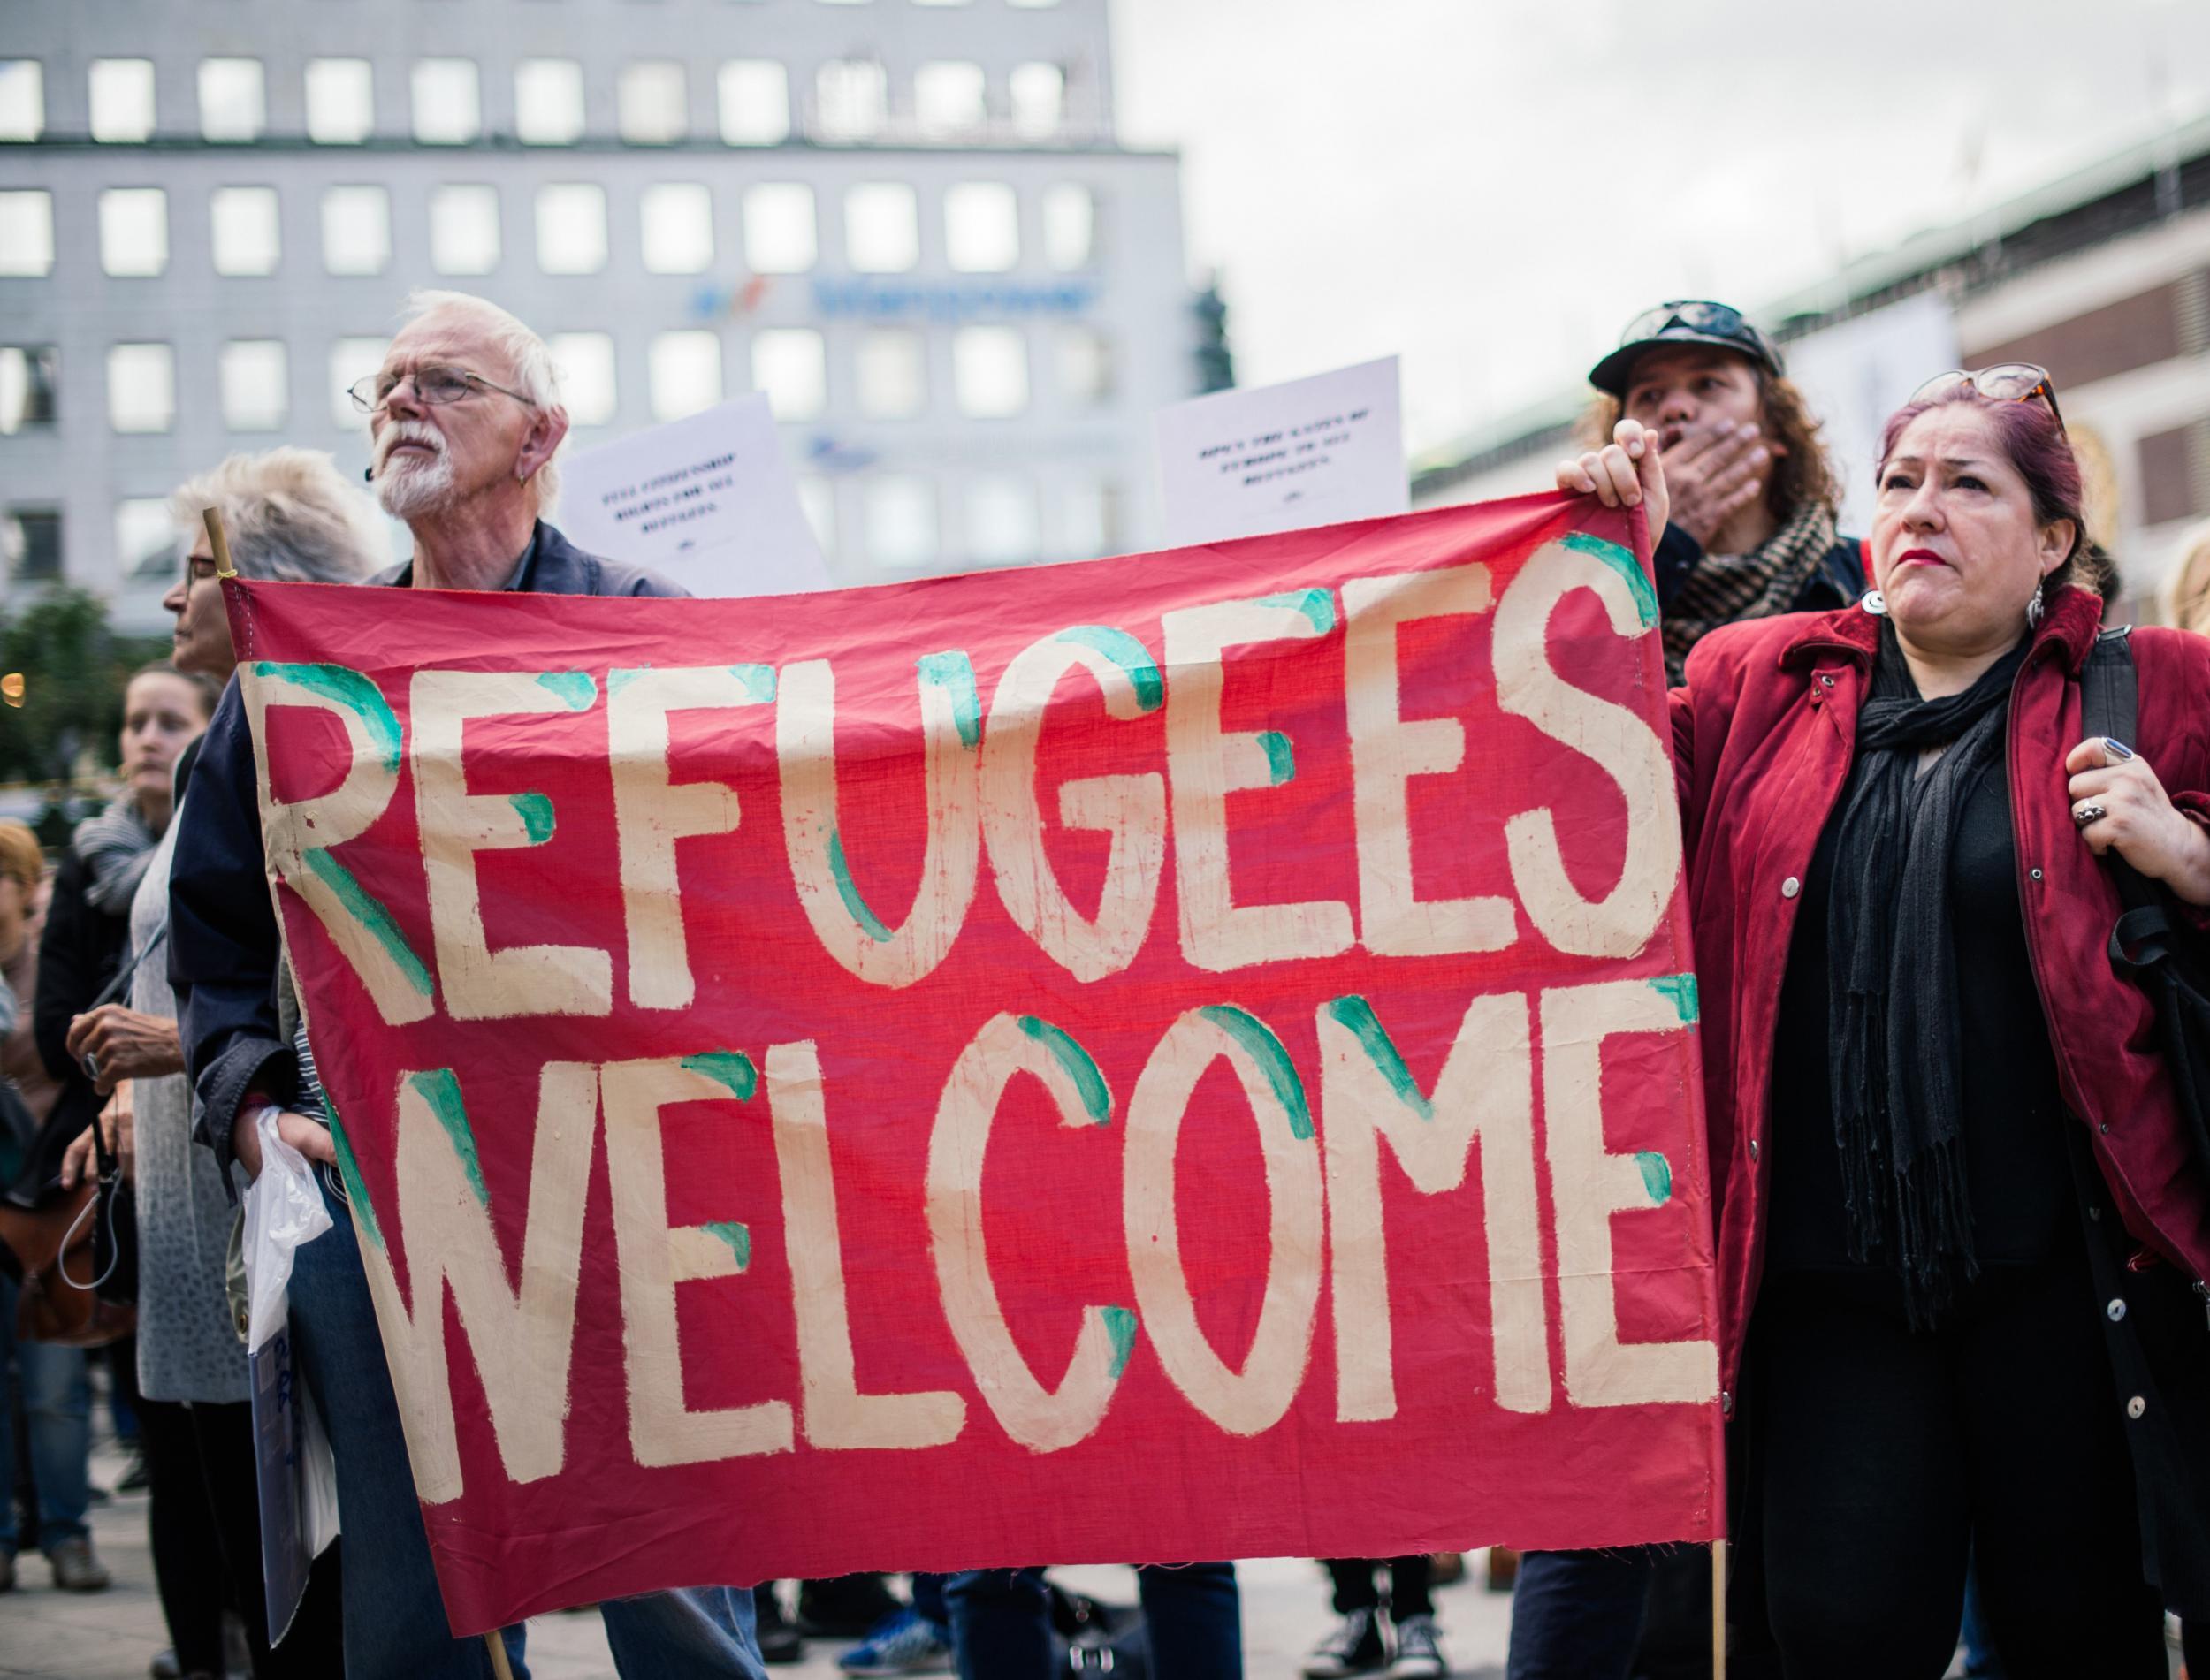 Immigrants Have Benefited Sweden, Says Former Us Ambassador